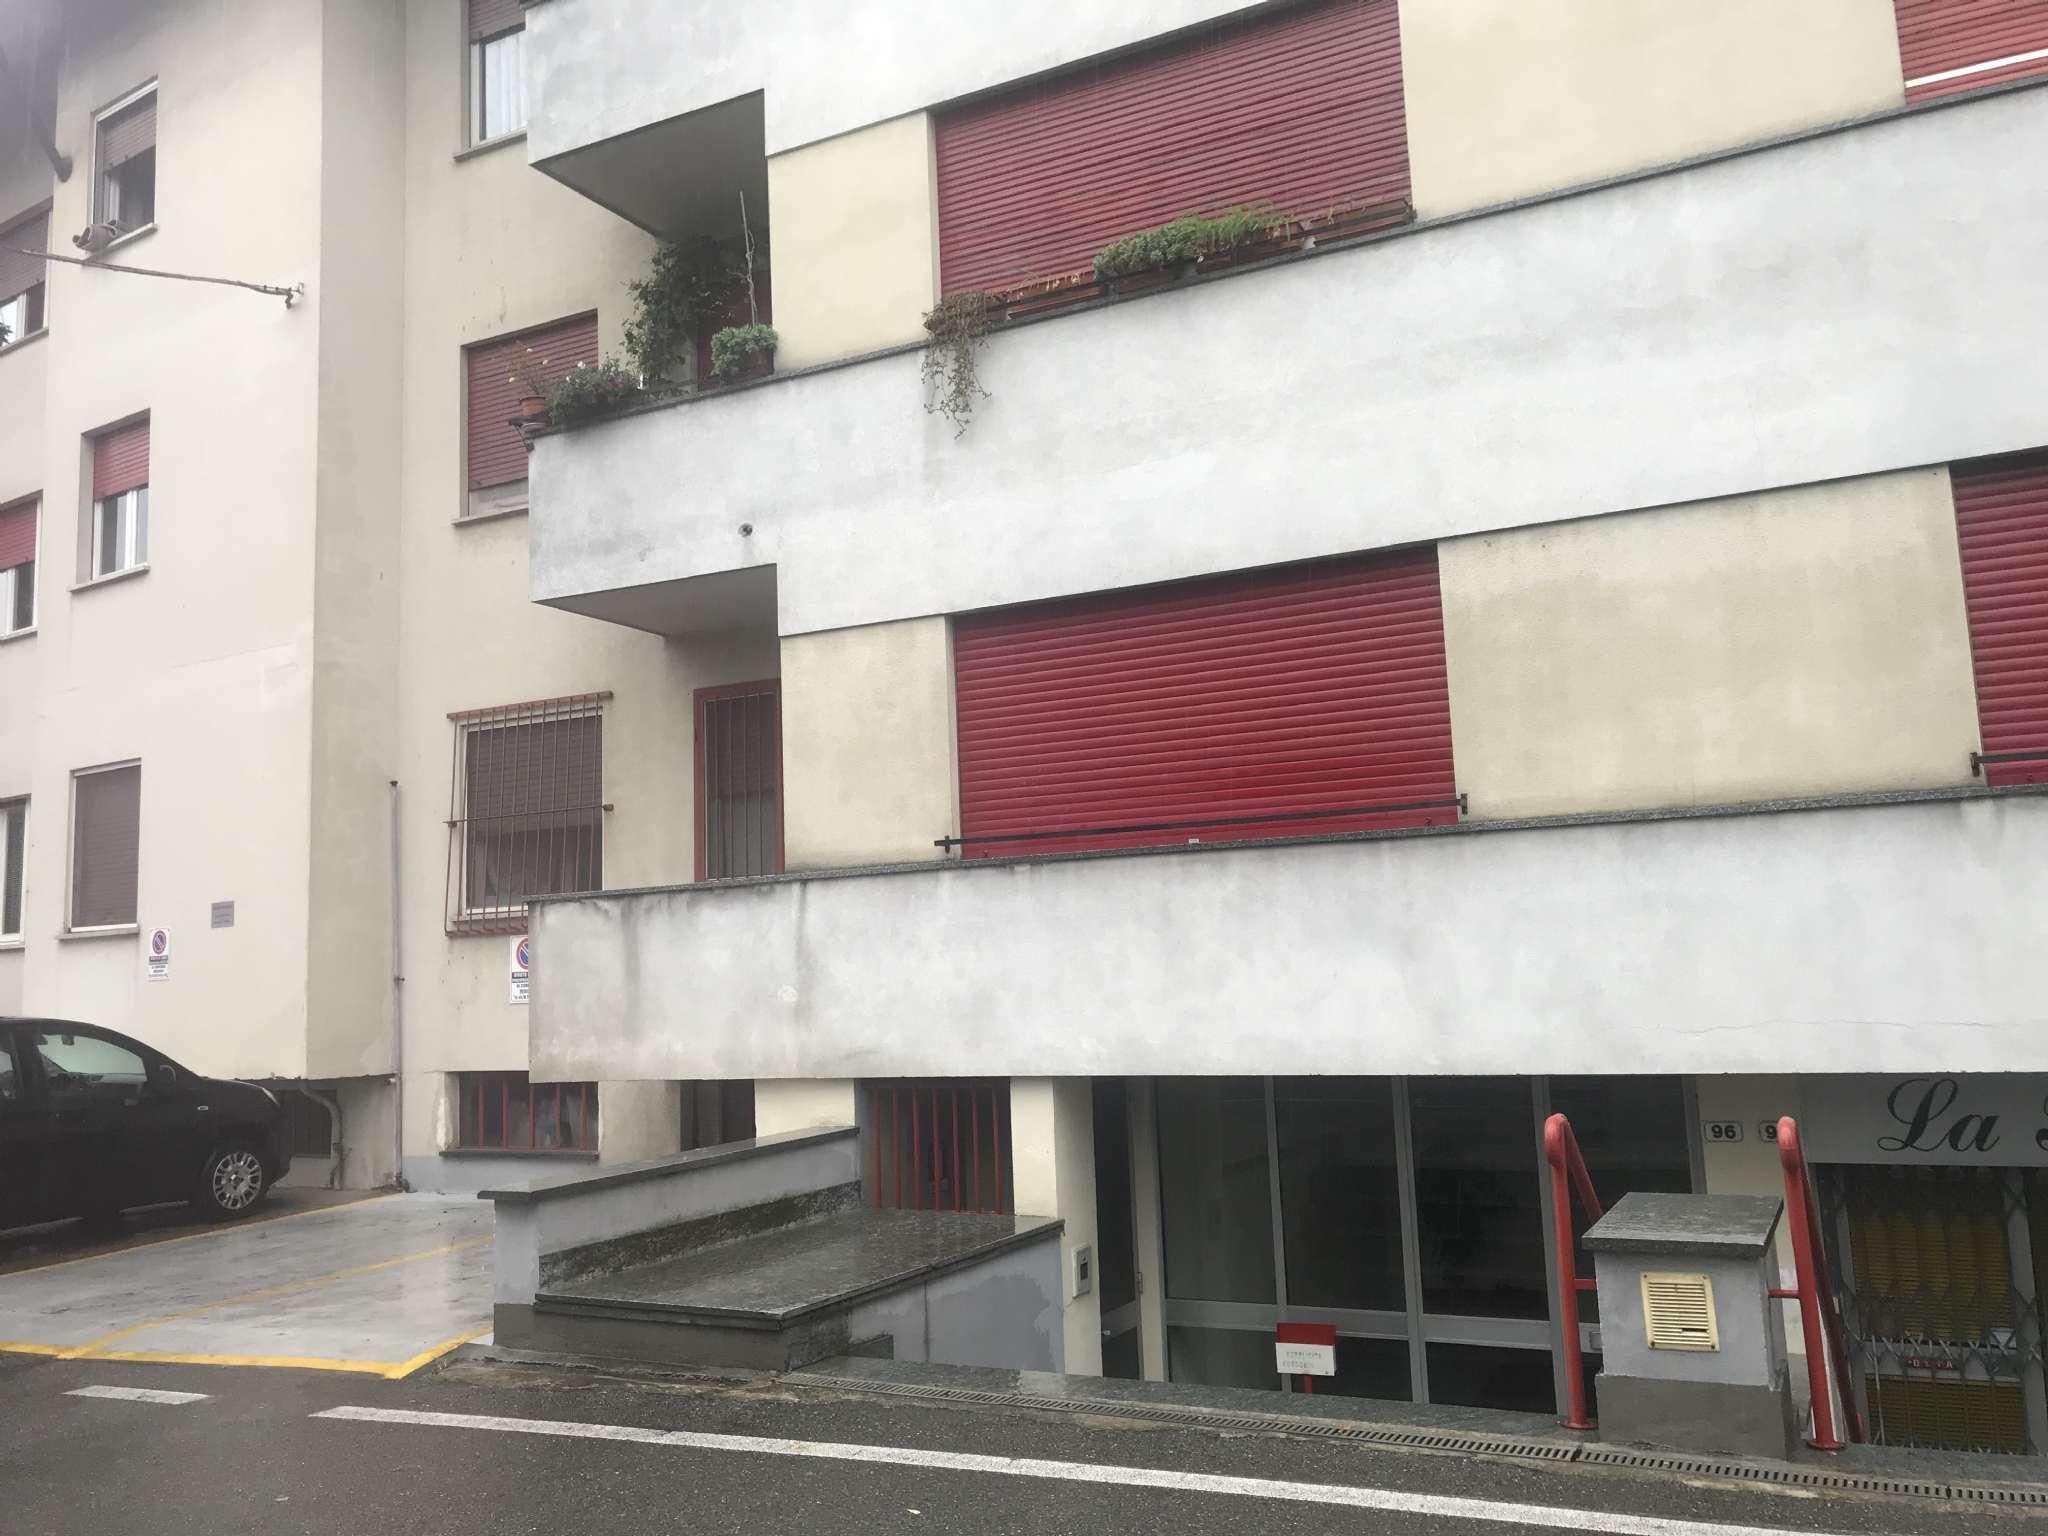 Appartamento in affitto a Rivarolo Canavese, 3 locali, prezzo € 420 | PortaleAgenzieImmobiliari.it